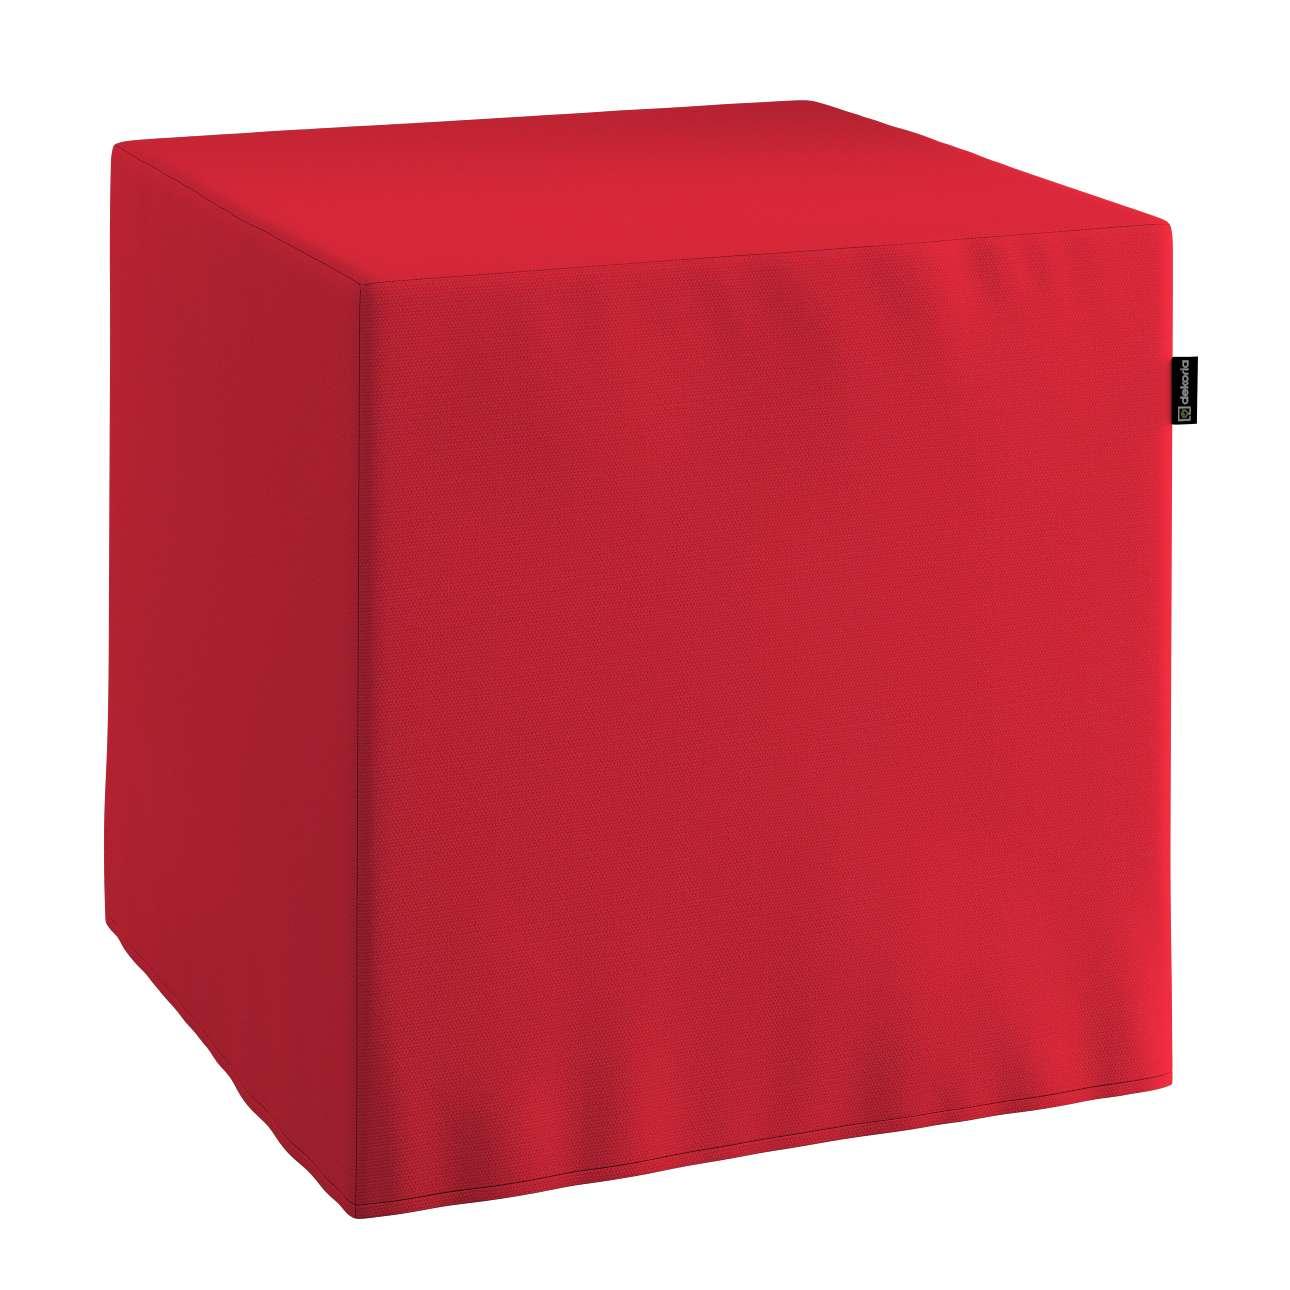 Sedák Cube - kostka pevná 40x40x40 v kolekci Cotton Panama, látka: 702-04